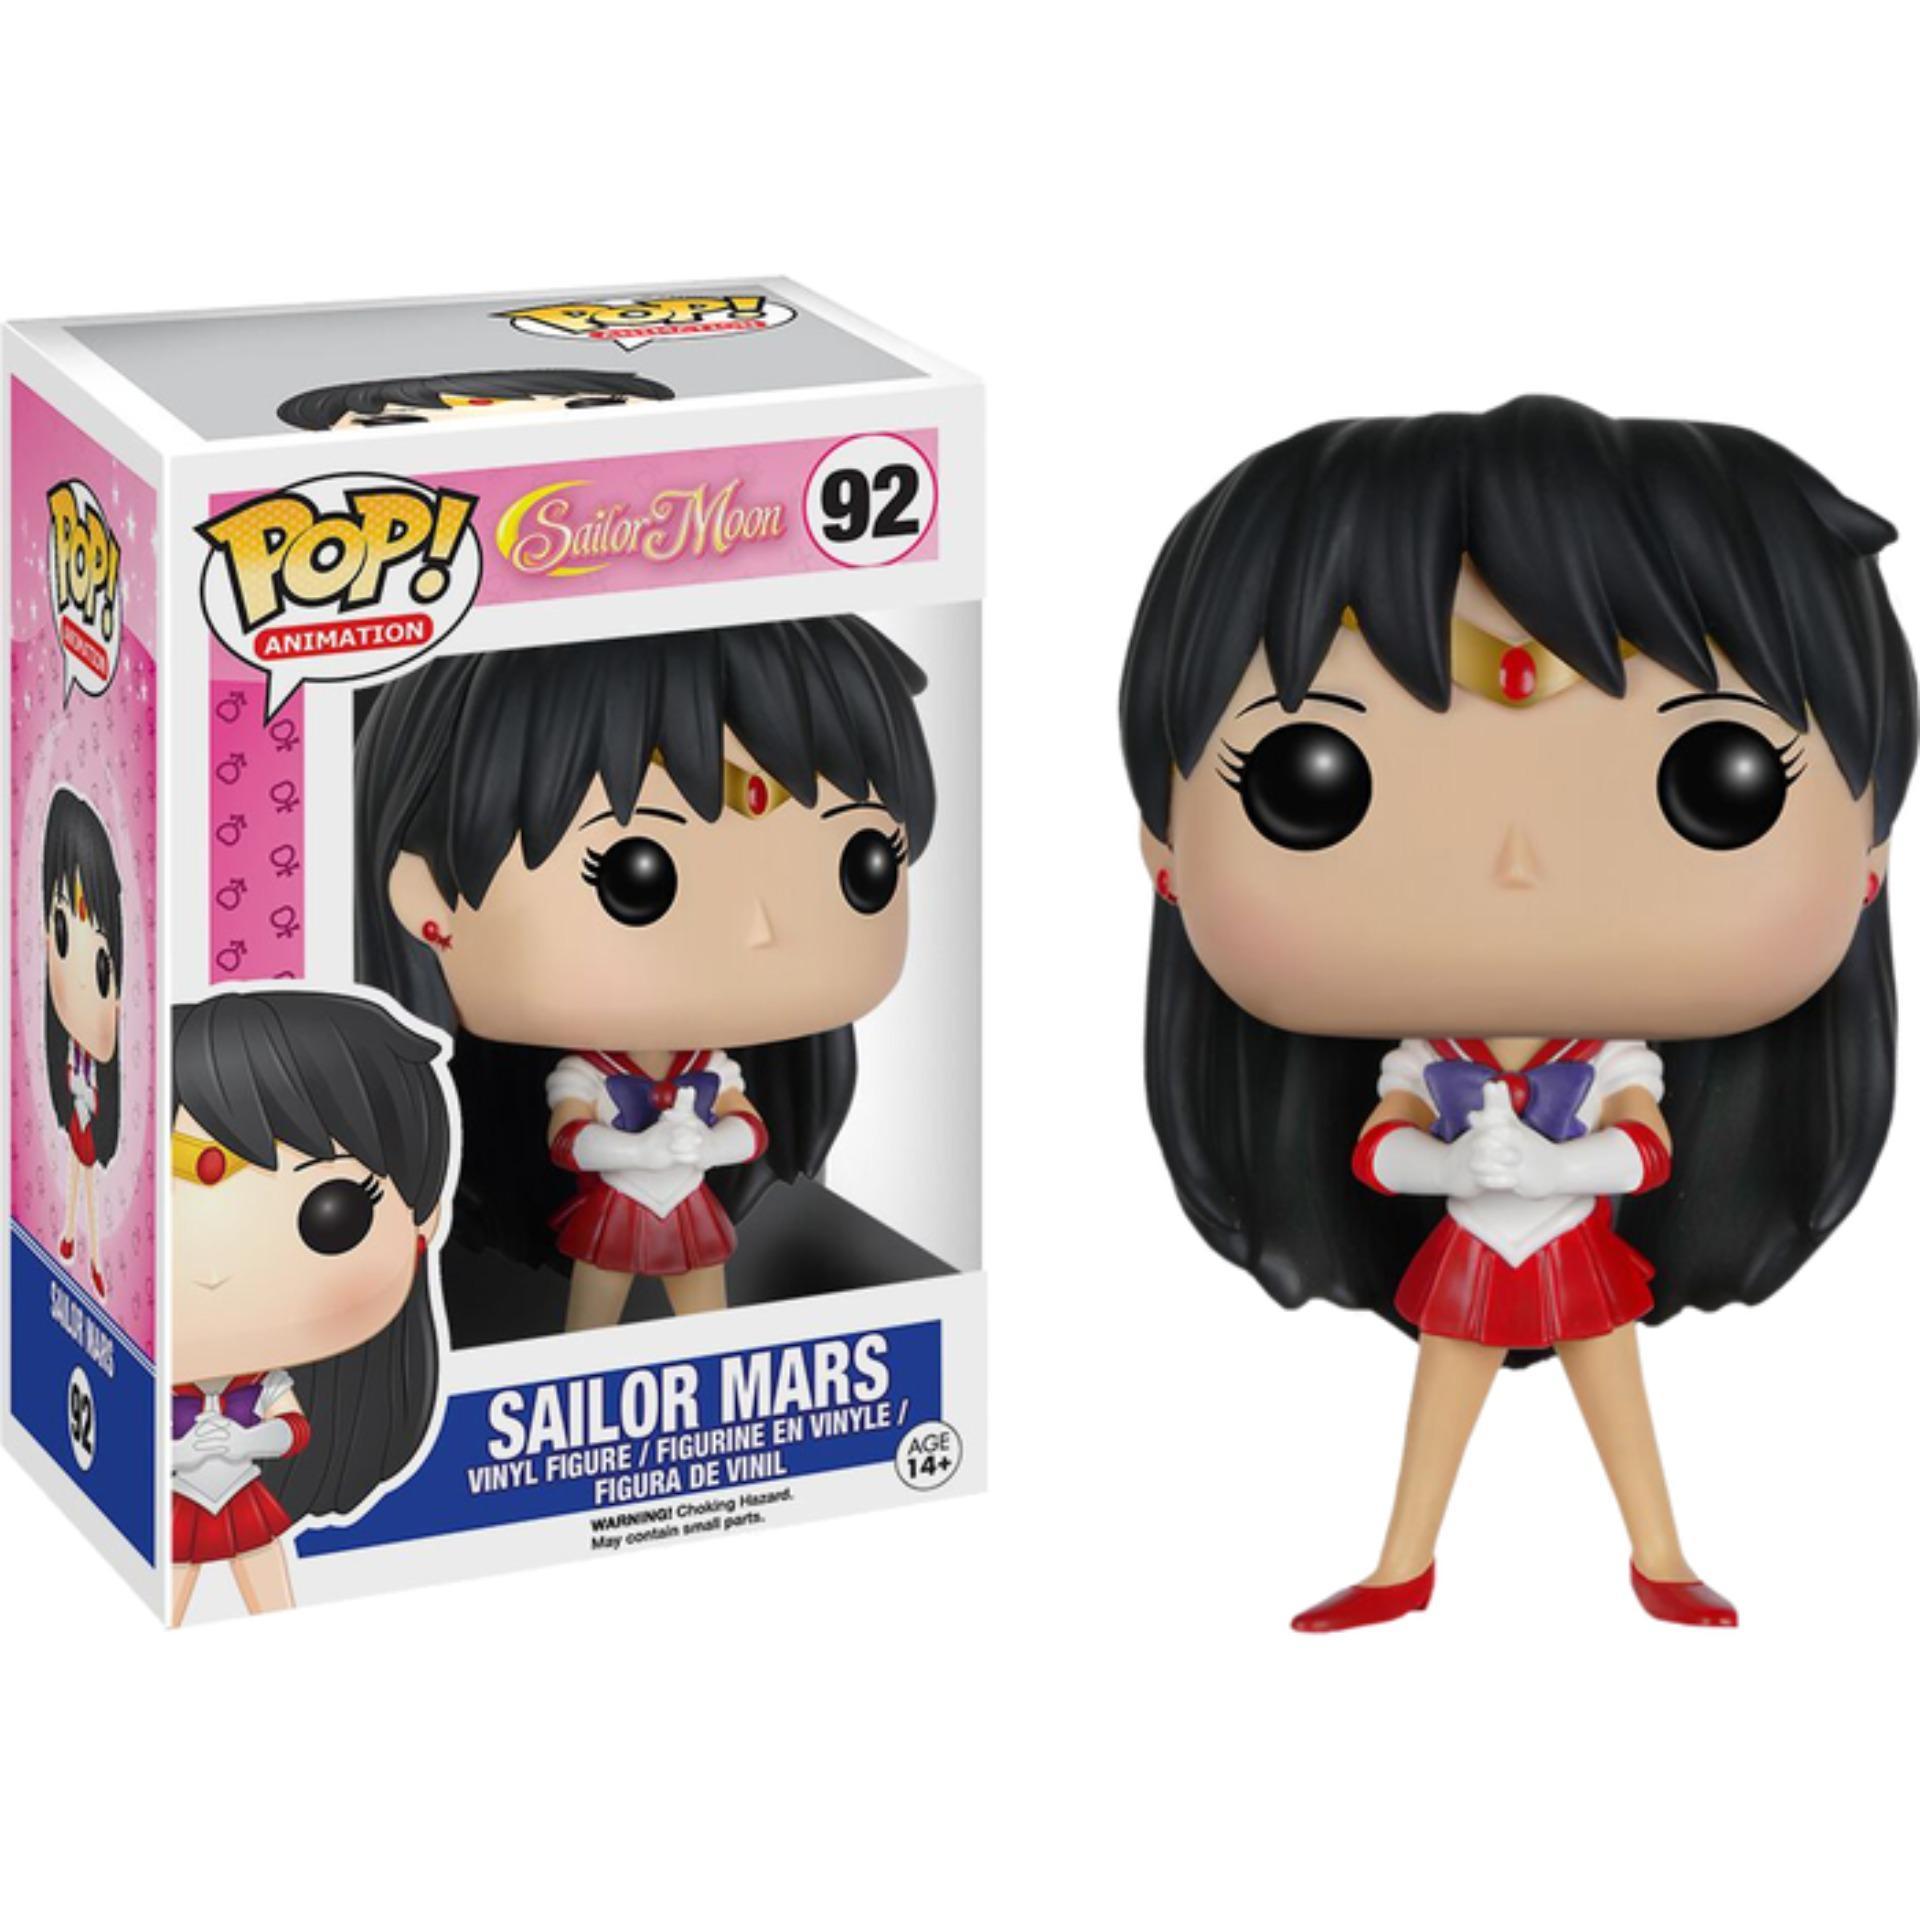 Funko POP! Sailor moon - Sailor Mars